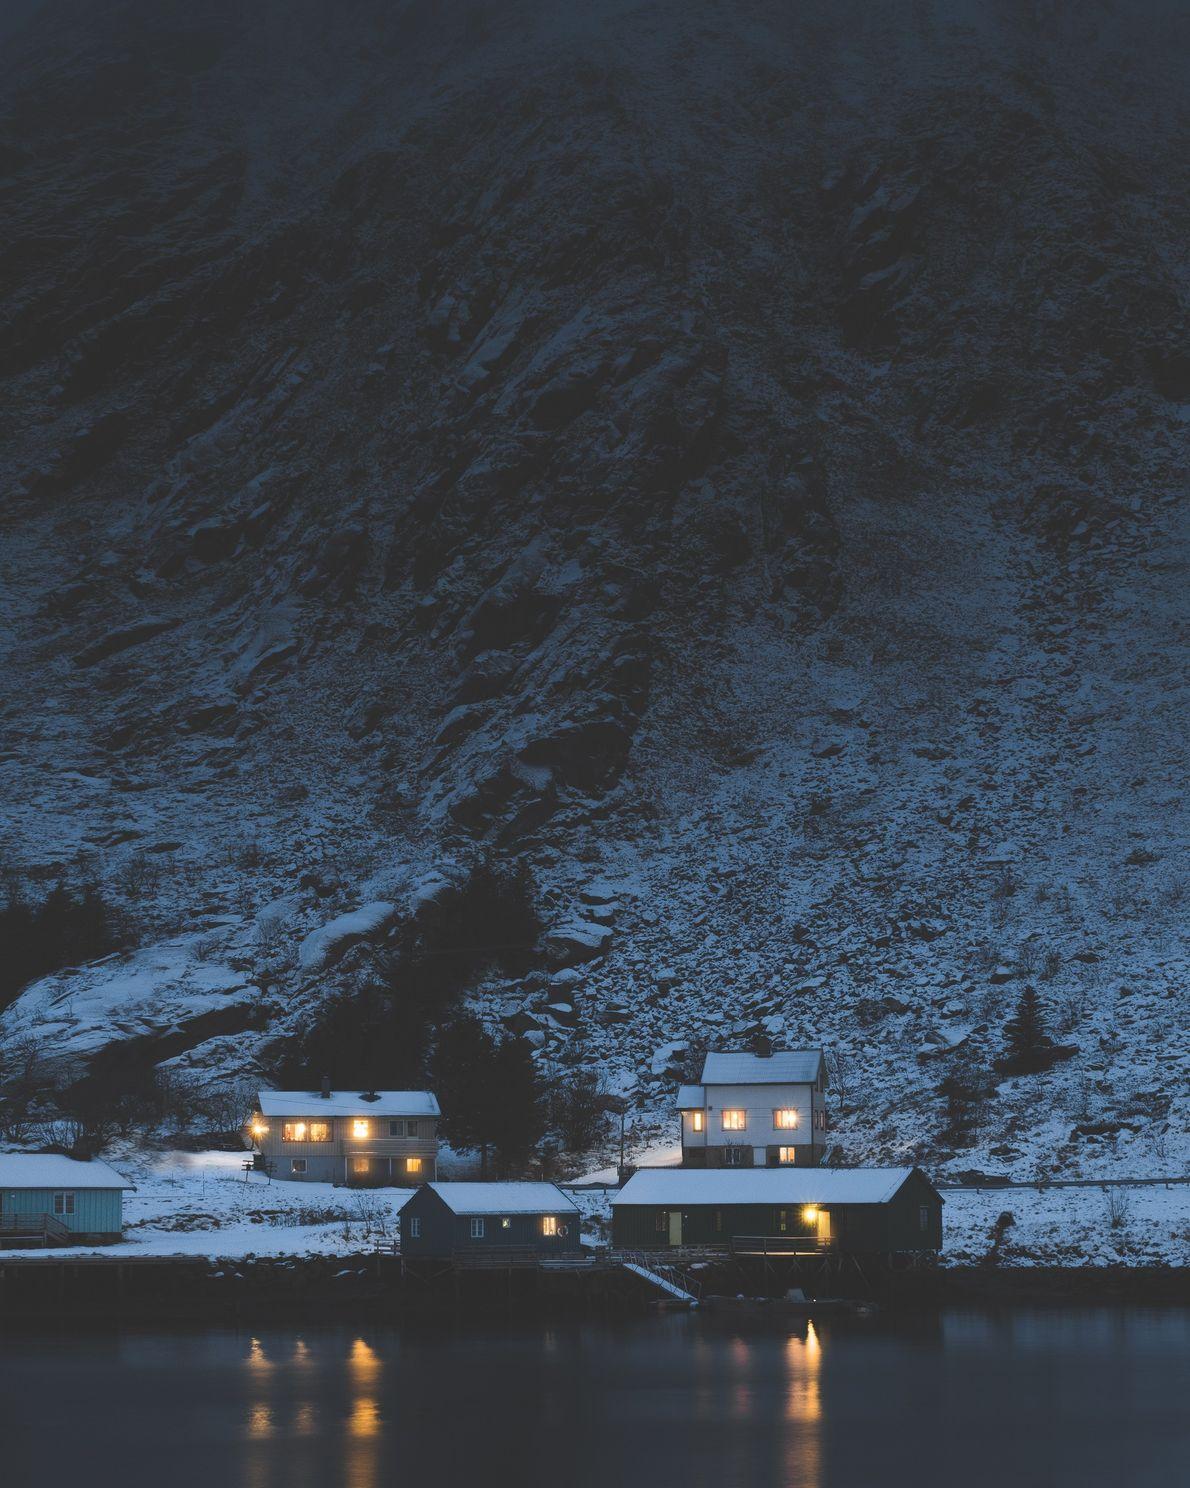 Janelas iluminadas na aldeia de Ballstad